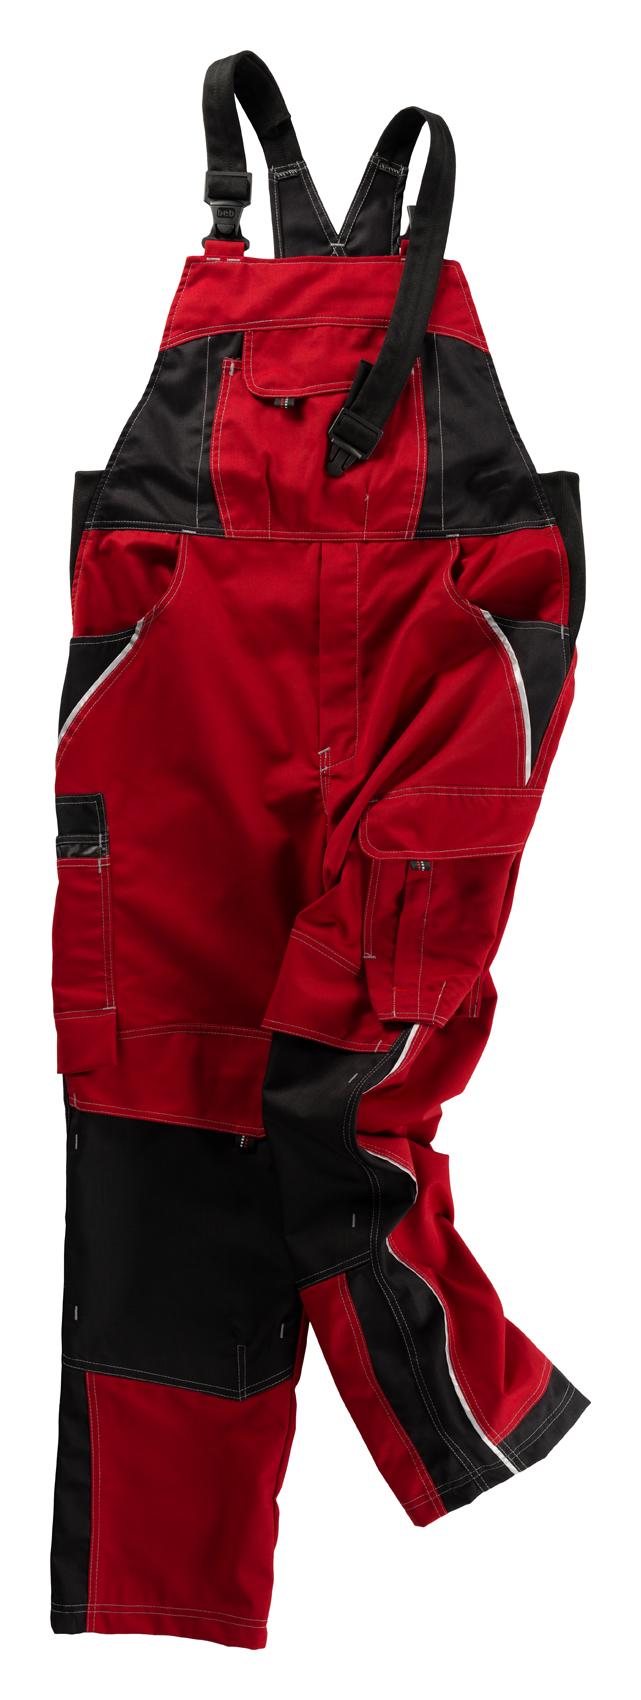 Heute im Angebot: Latzhose INFLAME von BEB / Farbe: Fire engine red in der Region Baden-Baden